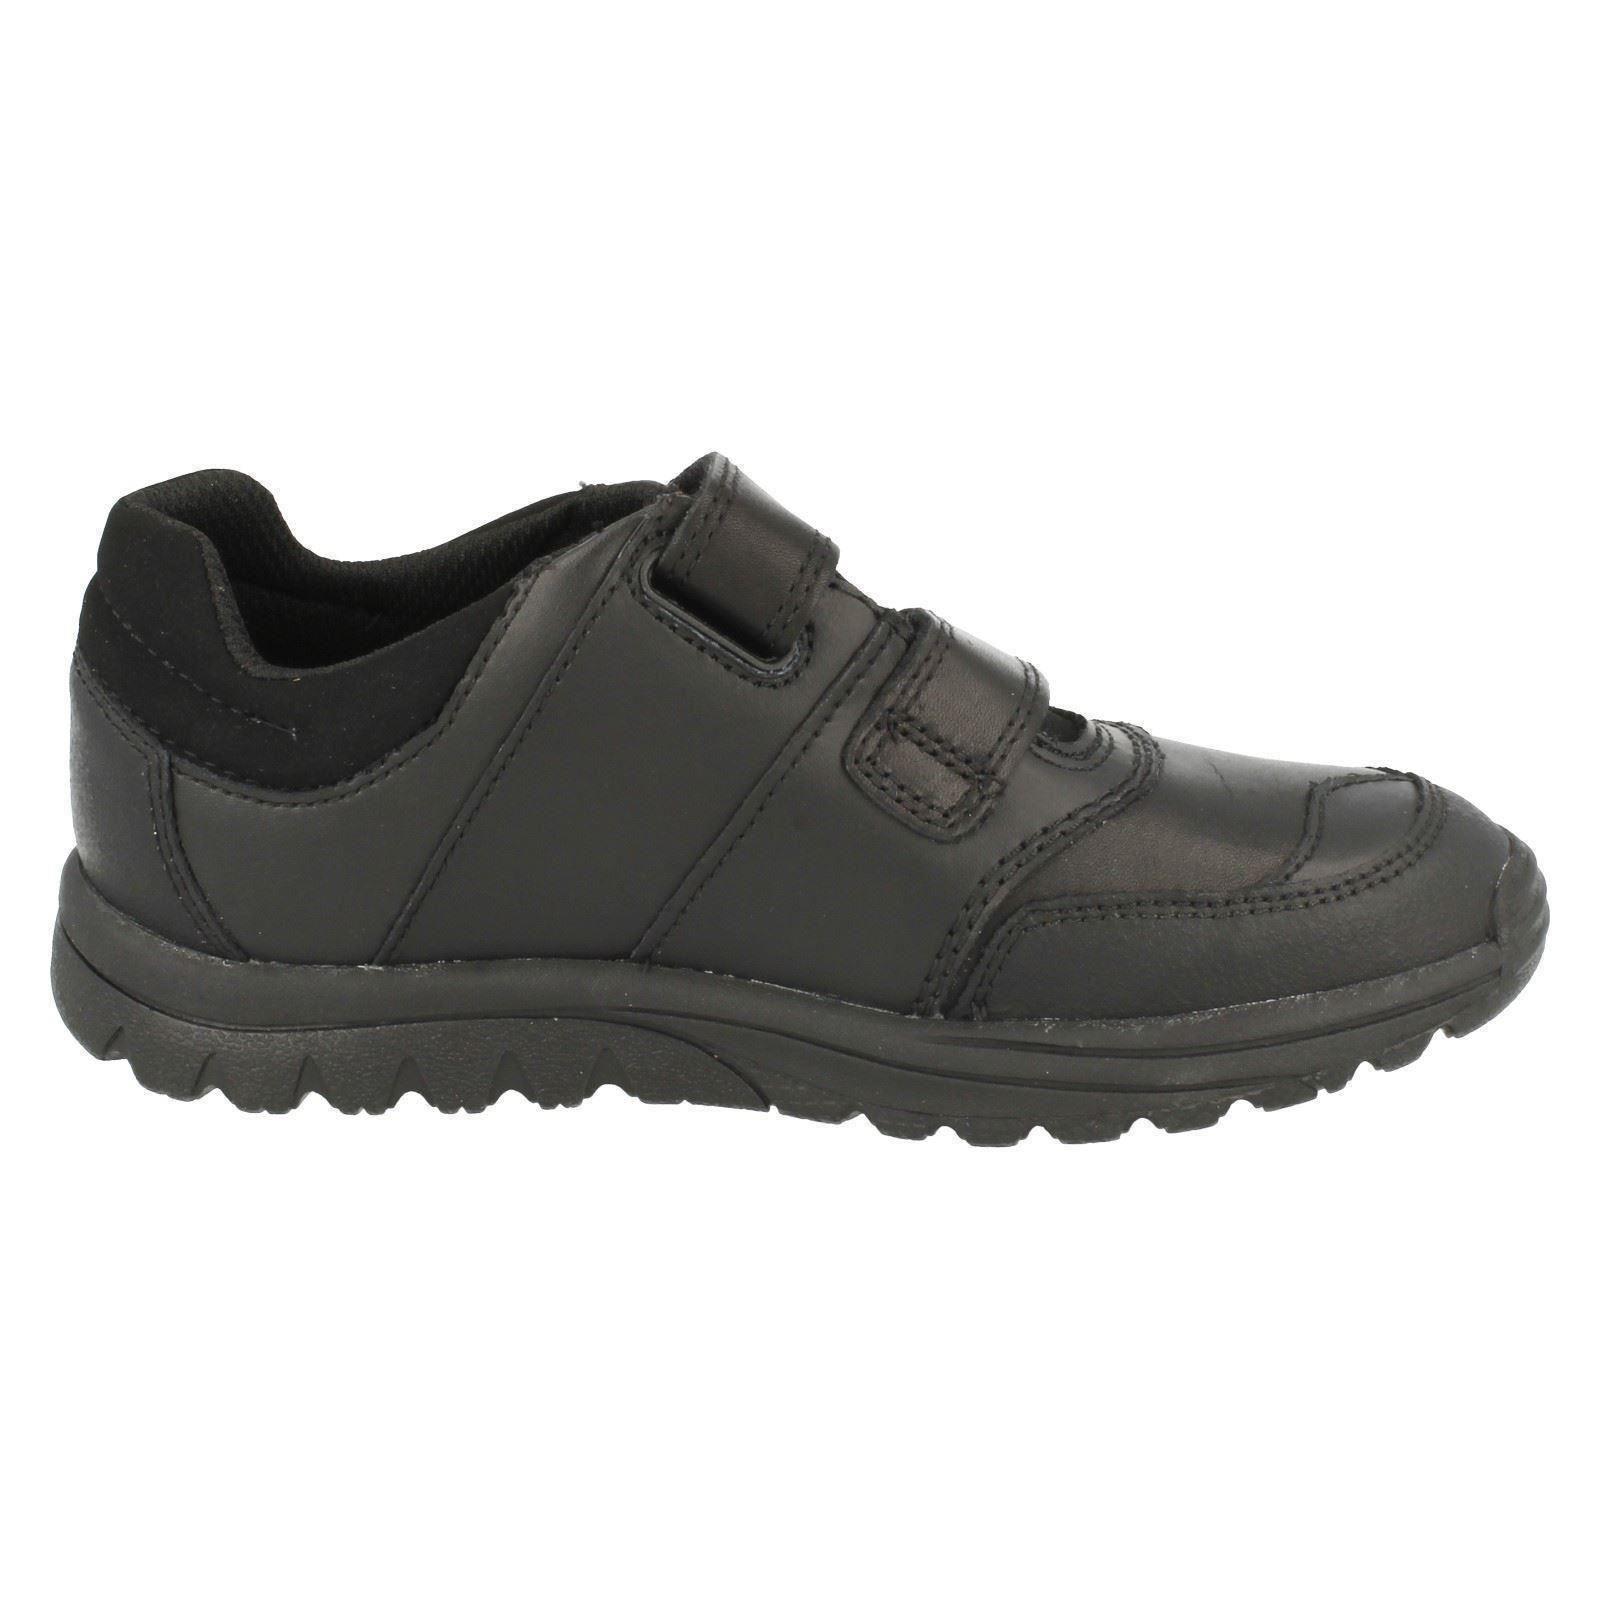 Boys Clarks Smart Hook & Loop School Shoes Jack Spring